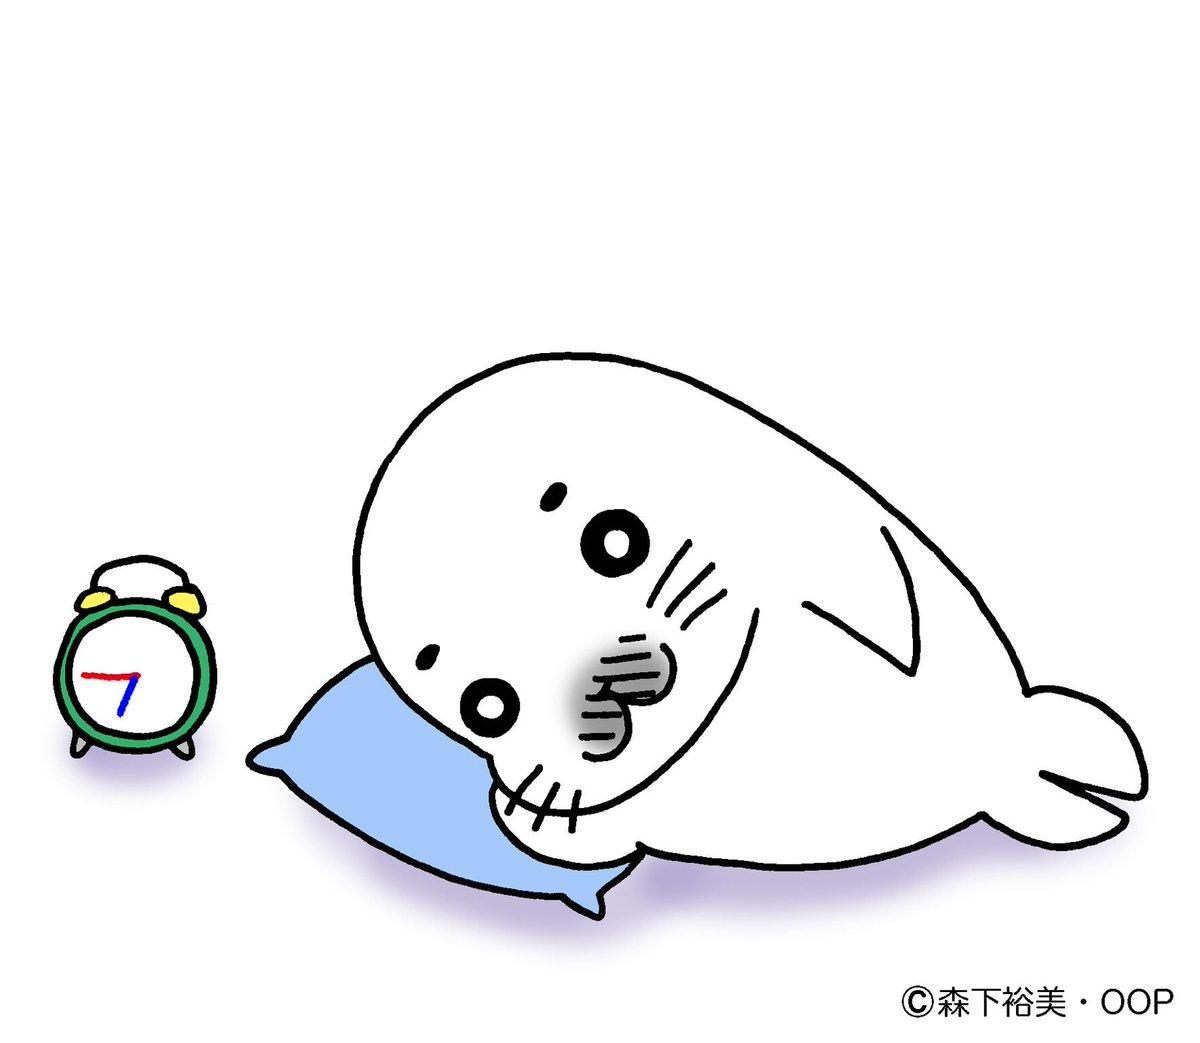 間も無く18時45分。GOGOゴマちゃん第1期最終話が放送しますよー!チャンネルはEテレ!#少年アシベ #ゴマちゃん #